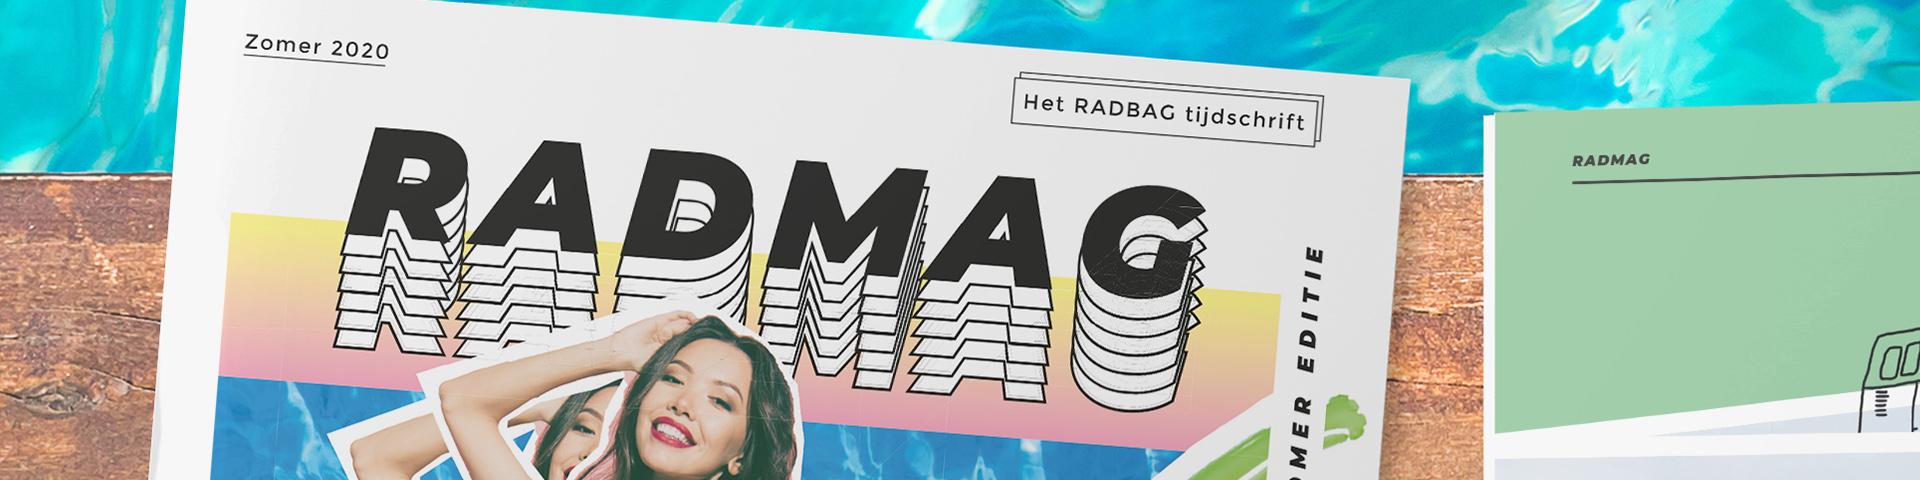 NL - radmag_Top_Landing Page